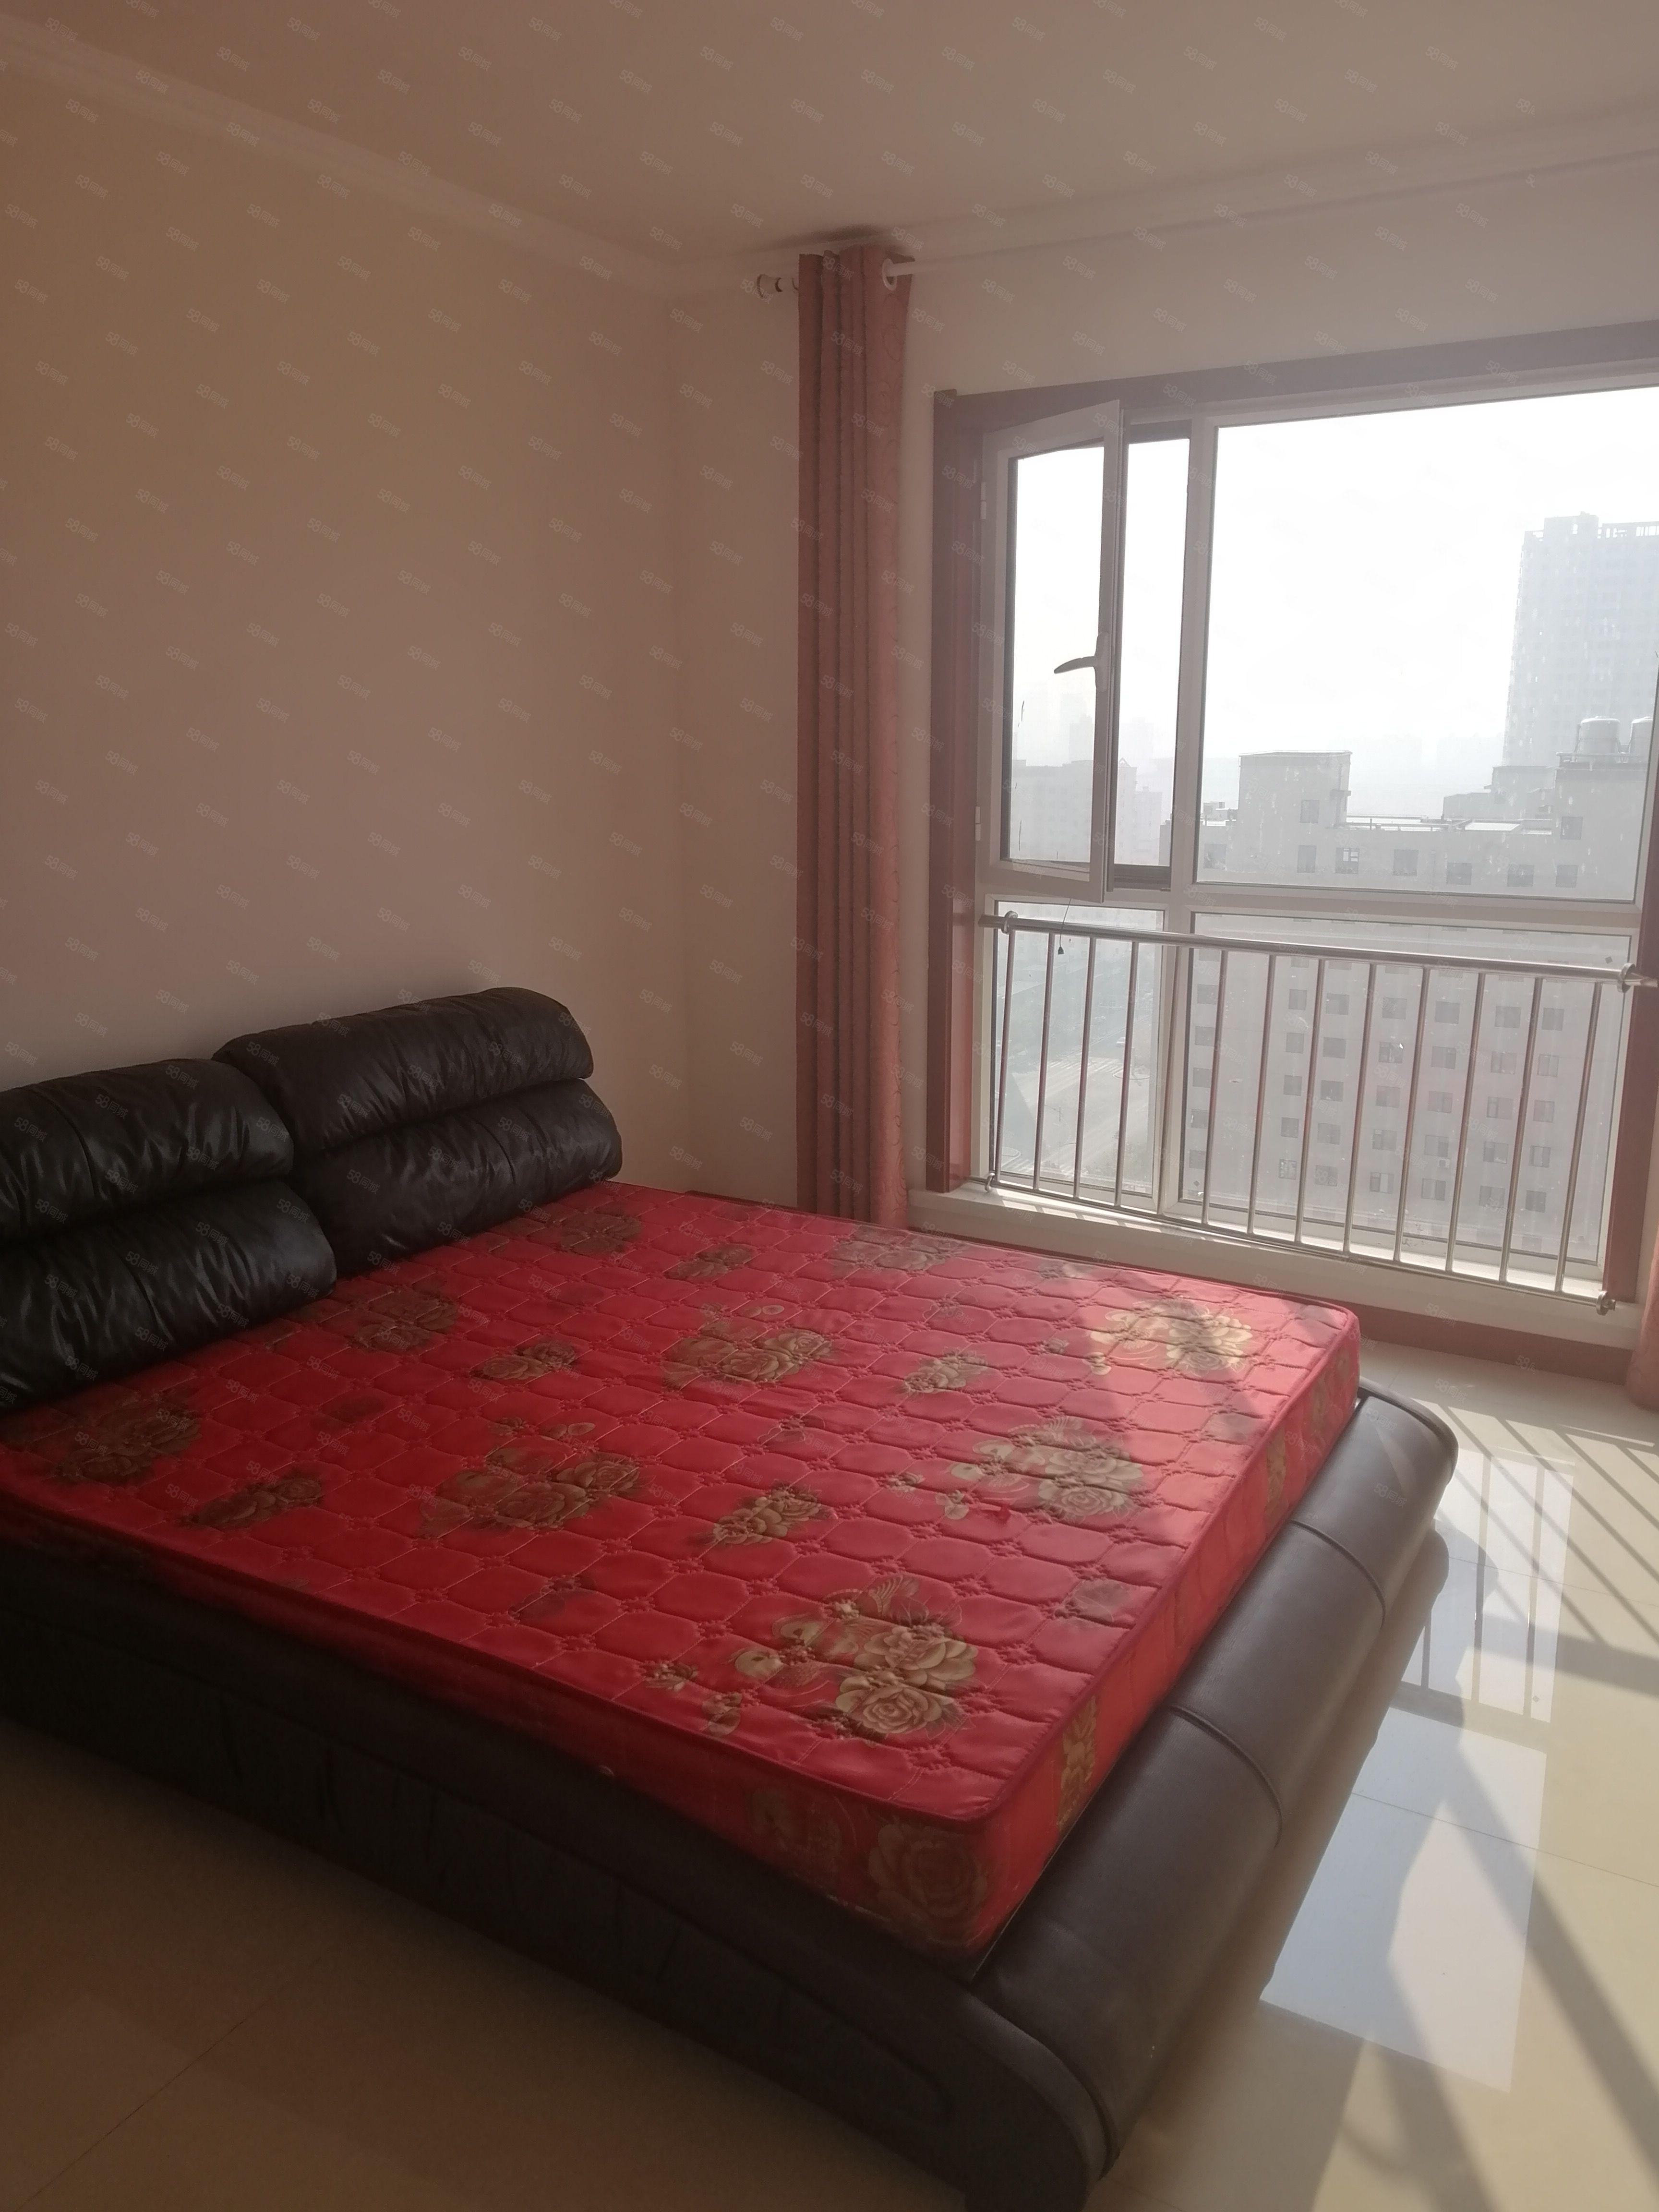 闲置出租开莱社区高层现房,生活设施全,欢迎看房